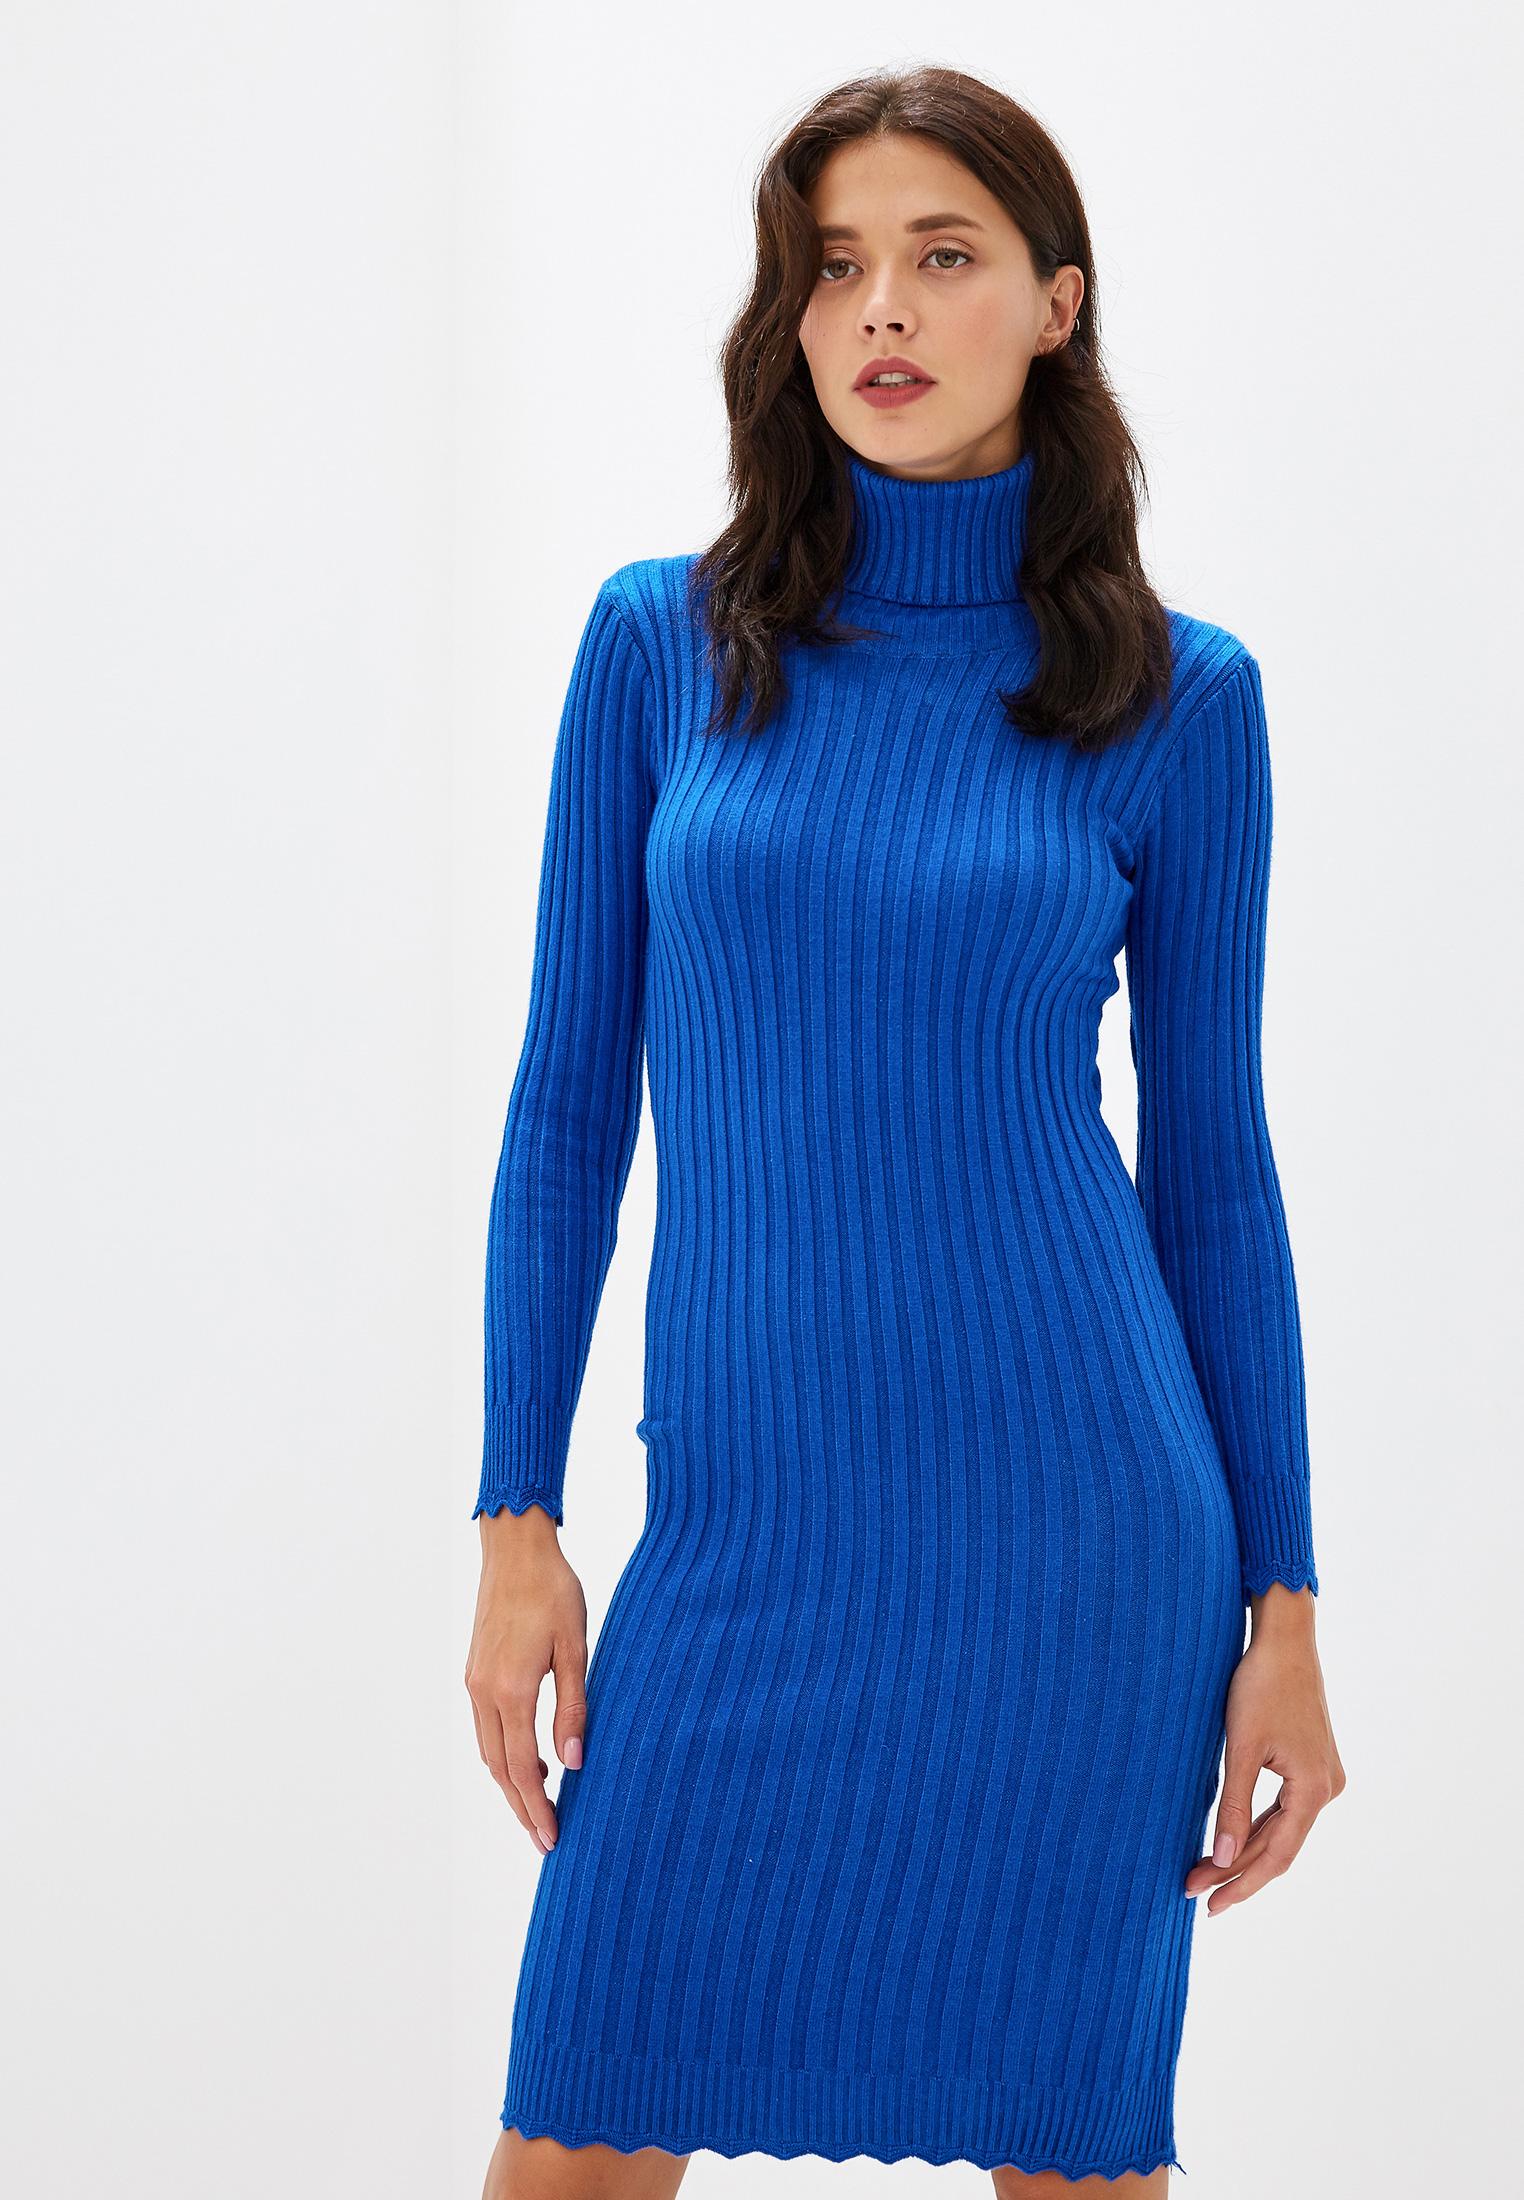 Вязаное платье Izabella IZ5450-4